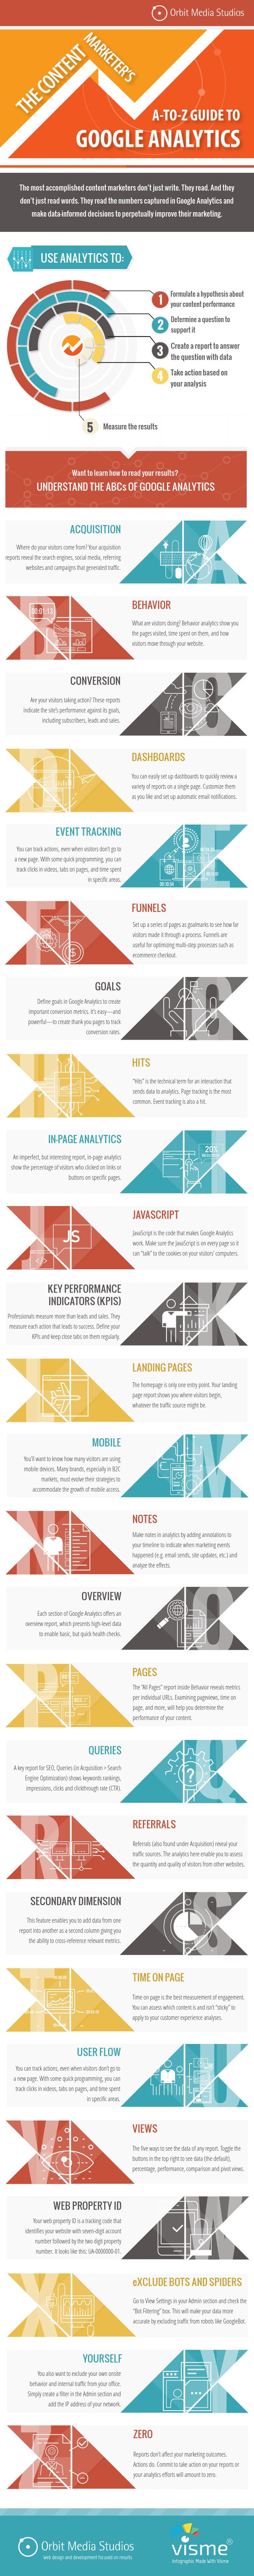 cara belajar menggunakan dan mempelajari Google Analytics